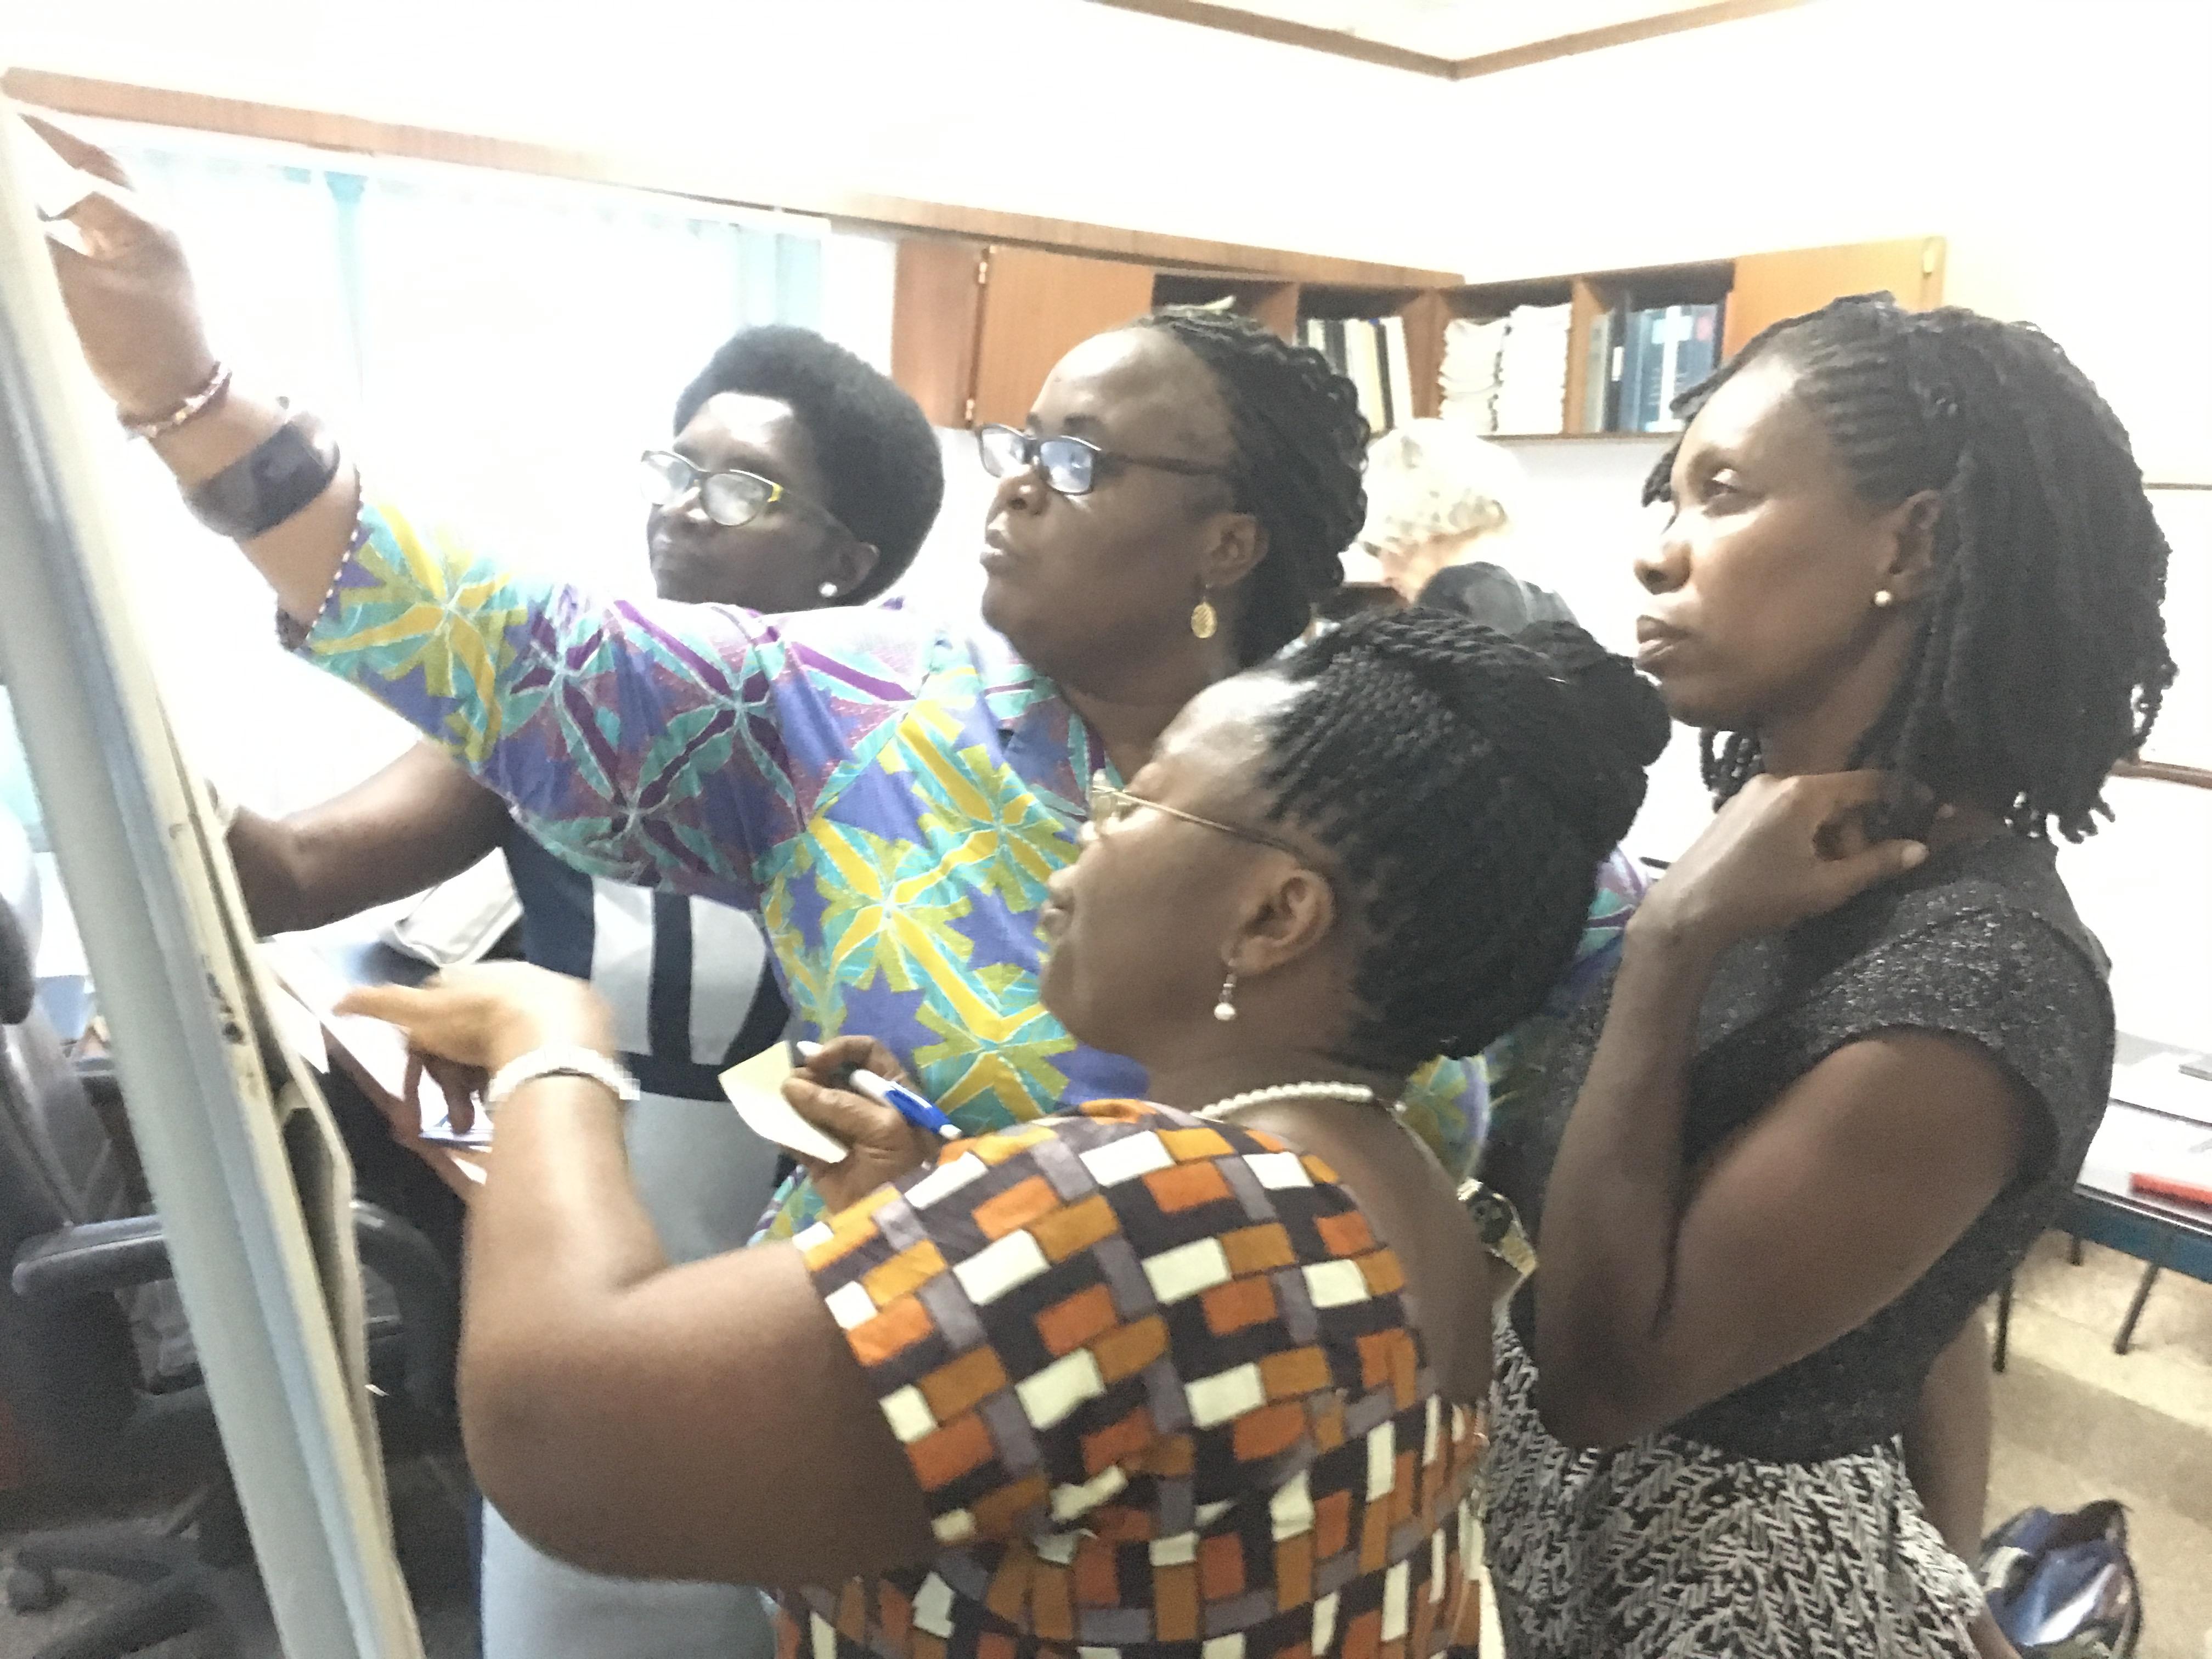 Verloskundigen ontwikkelen een 'midwives calendar'